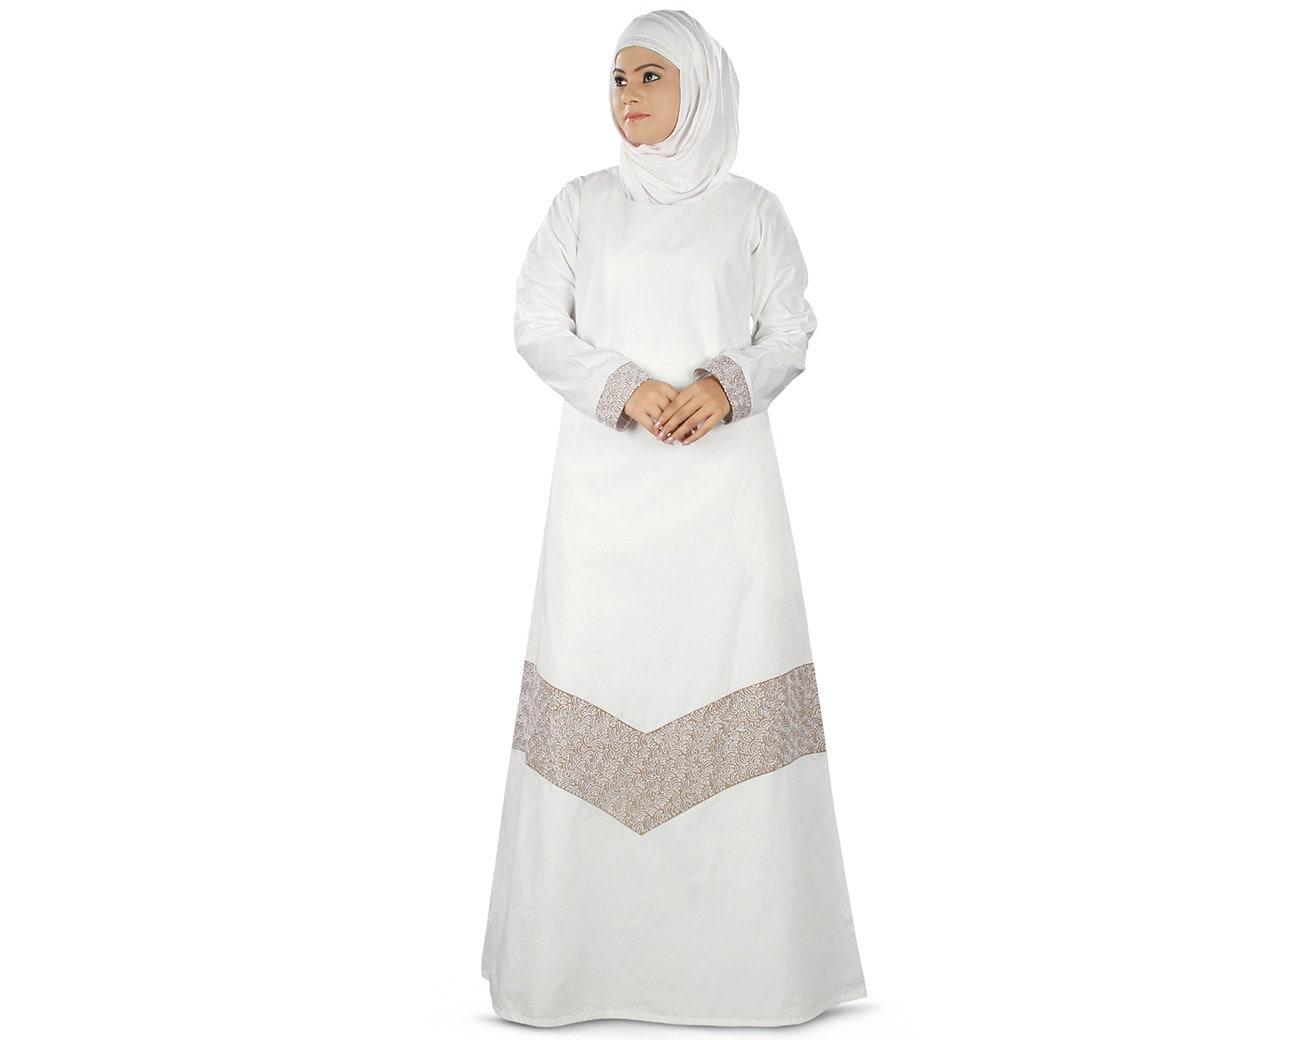 Ihram Kids For Sale Dubai: MyBatua Women's Samaira Prayer White Abaya Online Jilbab